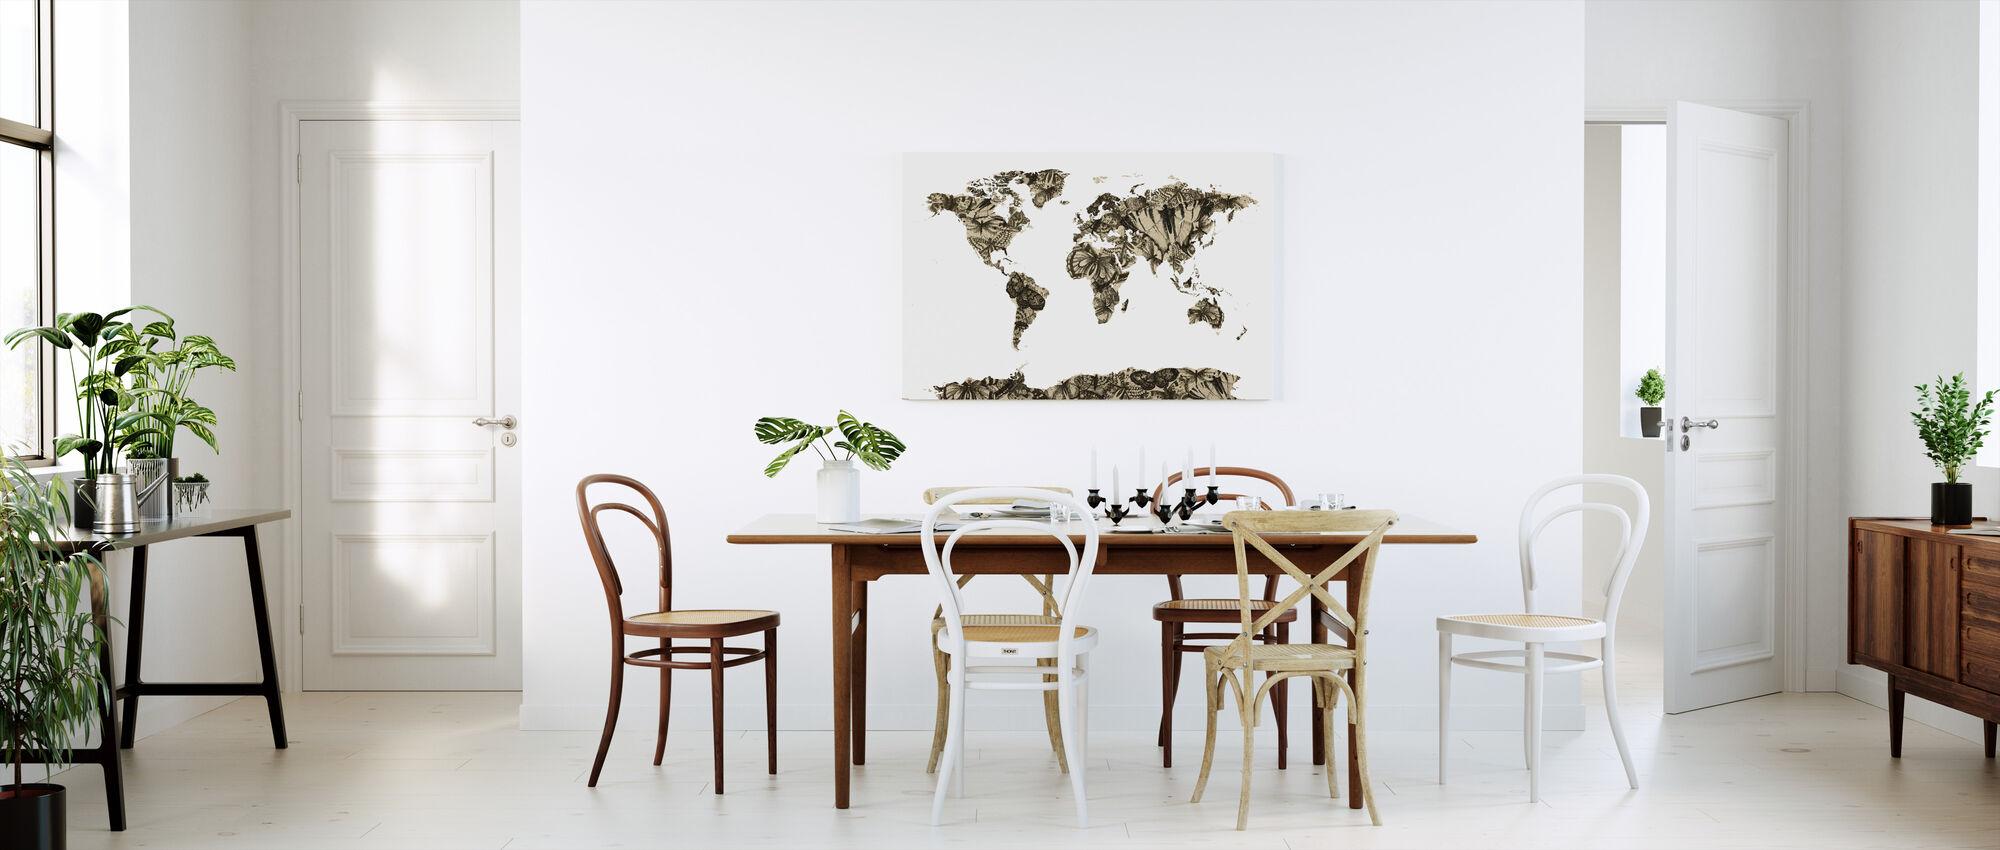 Butterfly Carte du monde - Impression sur toile - Cuisine